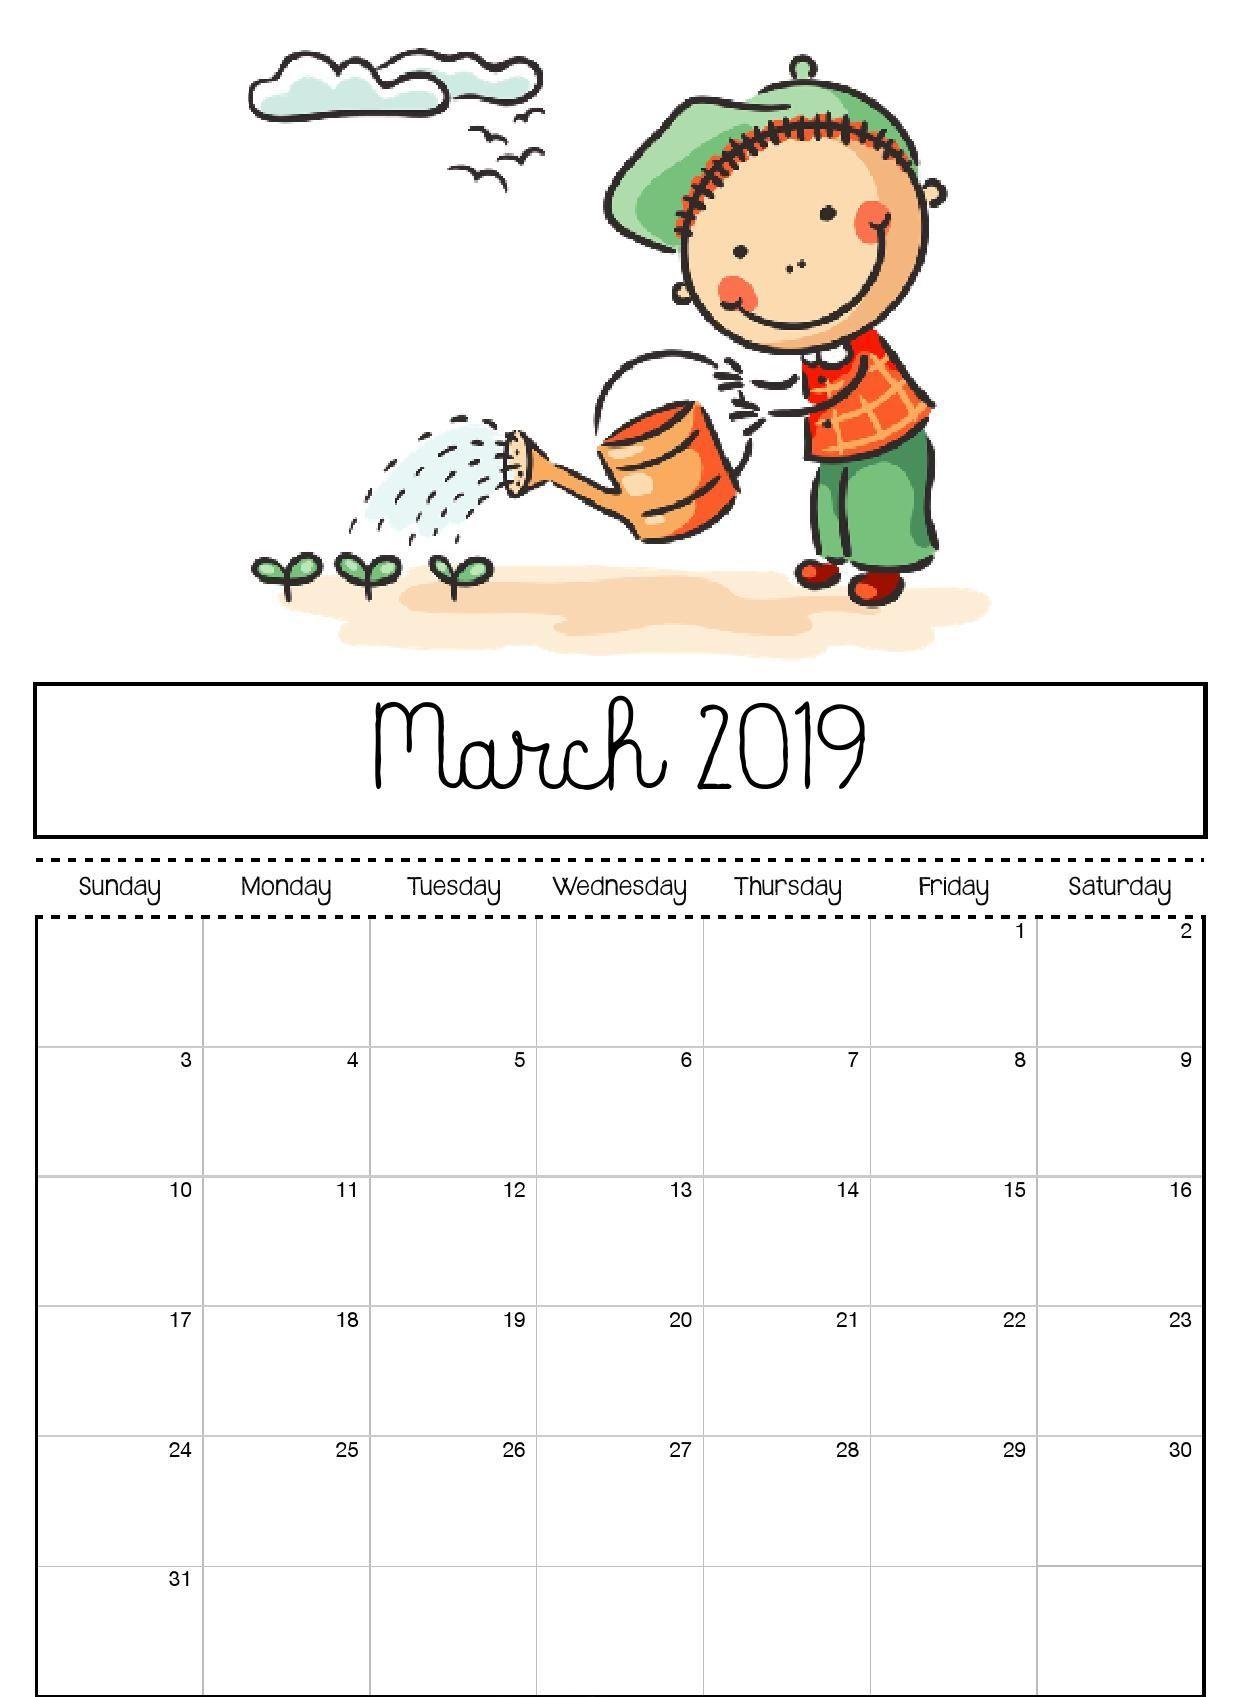 March Calendar For Kids Marchcalendar